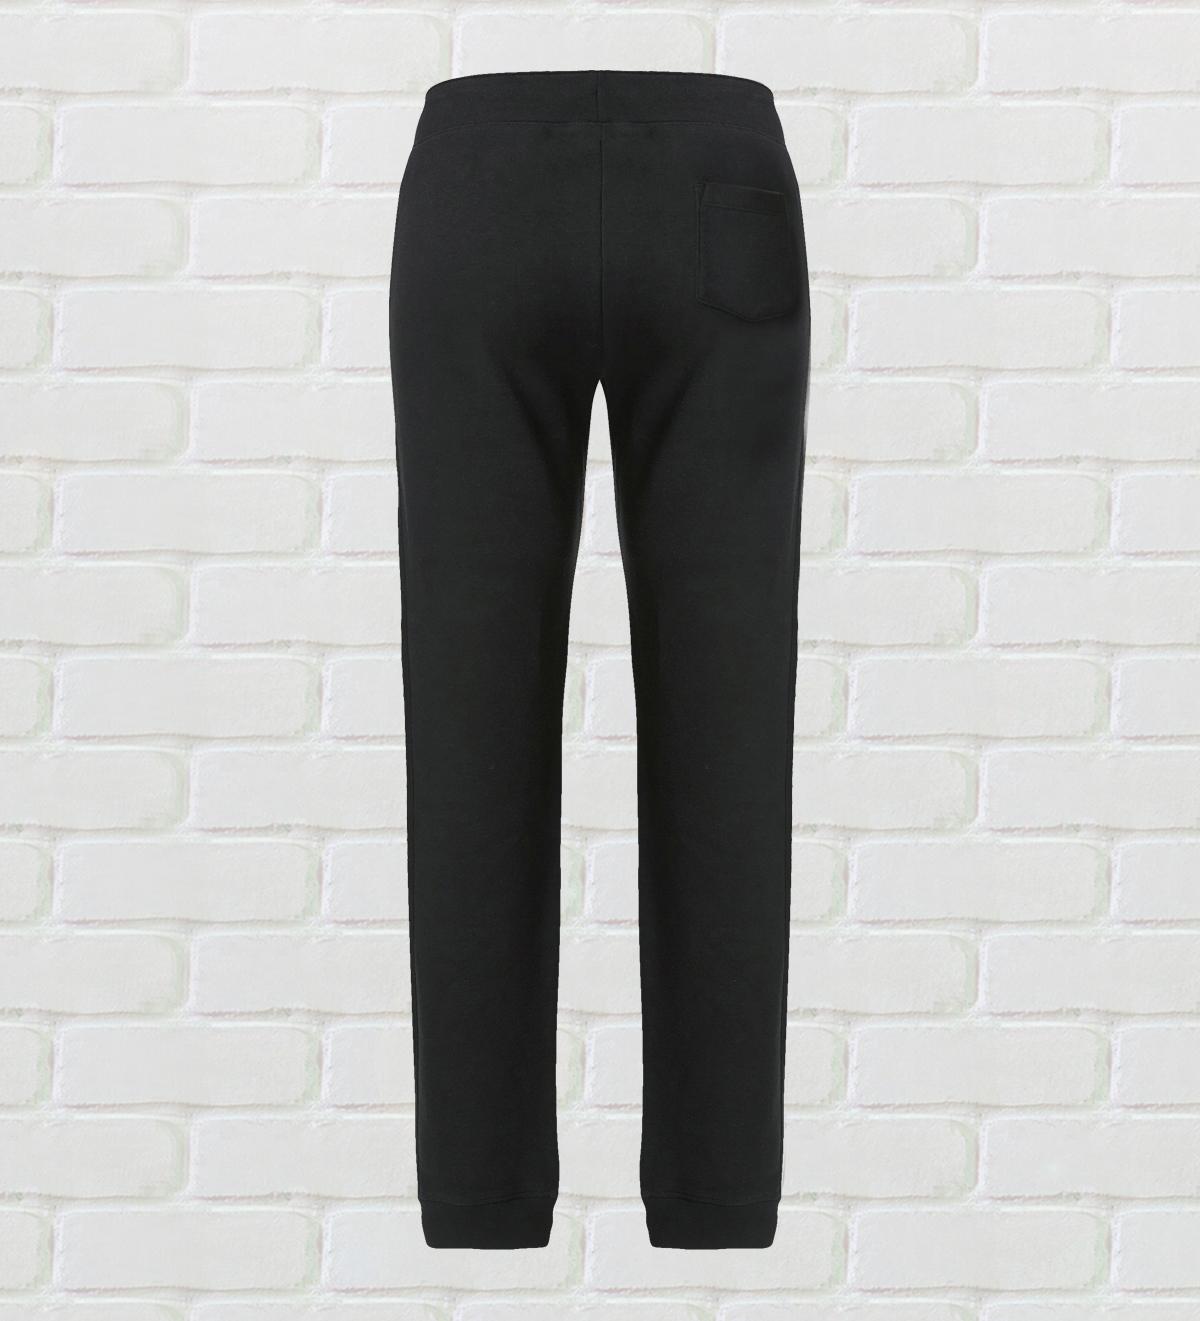 pantalon femme arrière